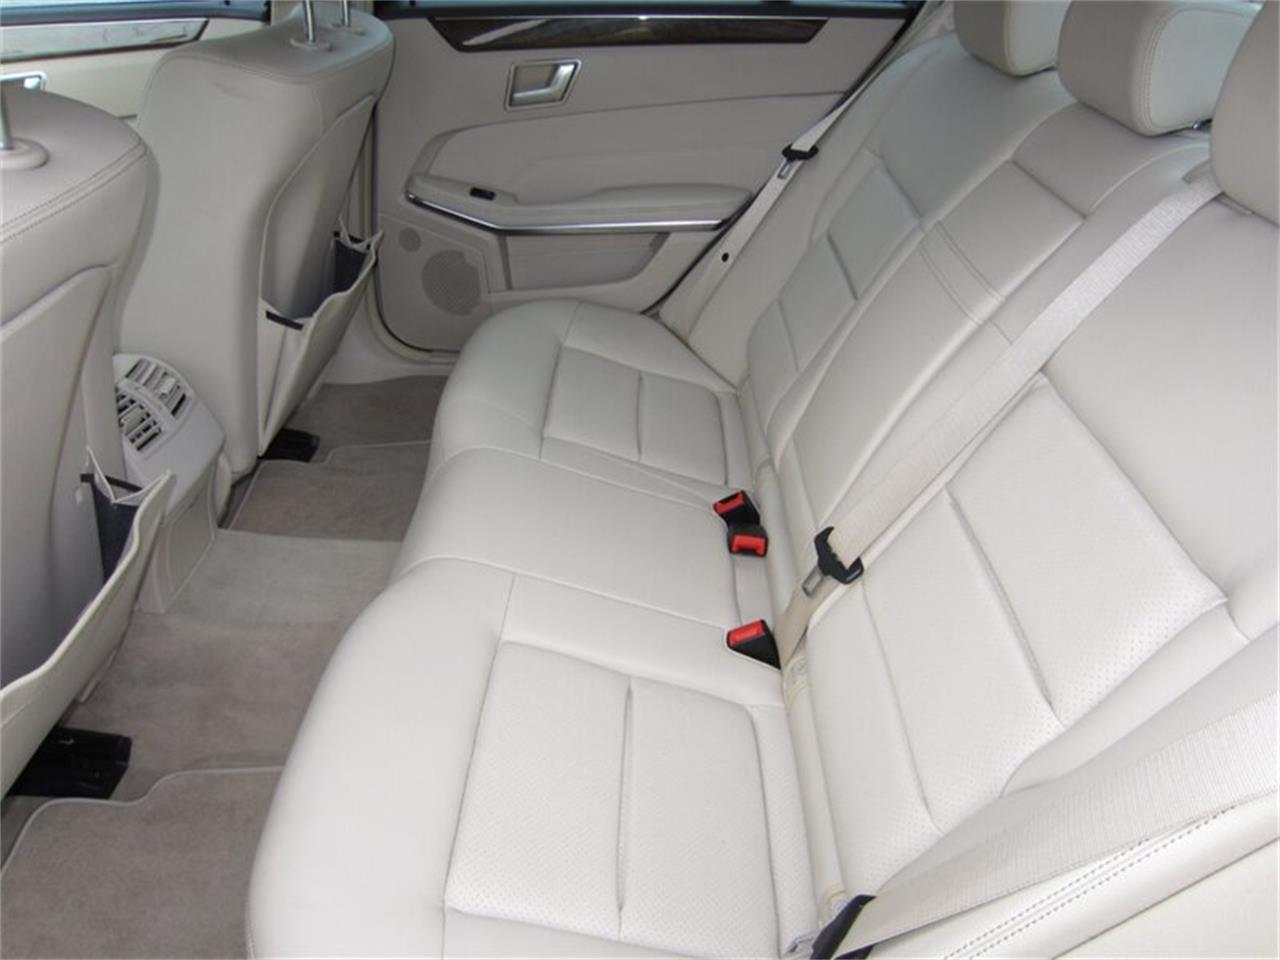 2014 Mercedes-Benz E-Class (CC-1355614) for sale in Delray Beach, Florida